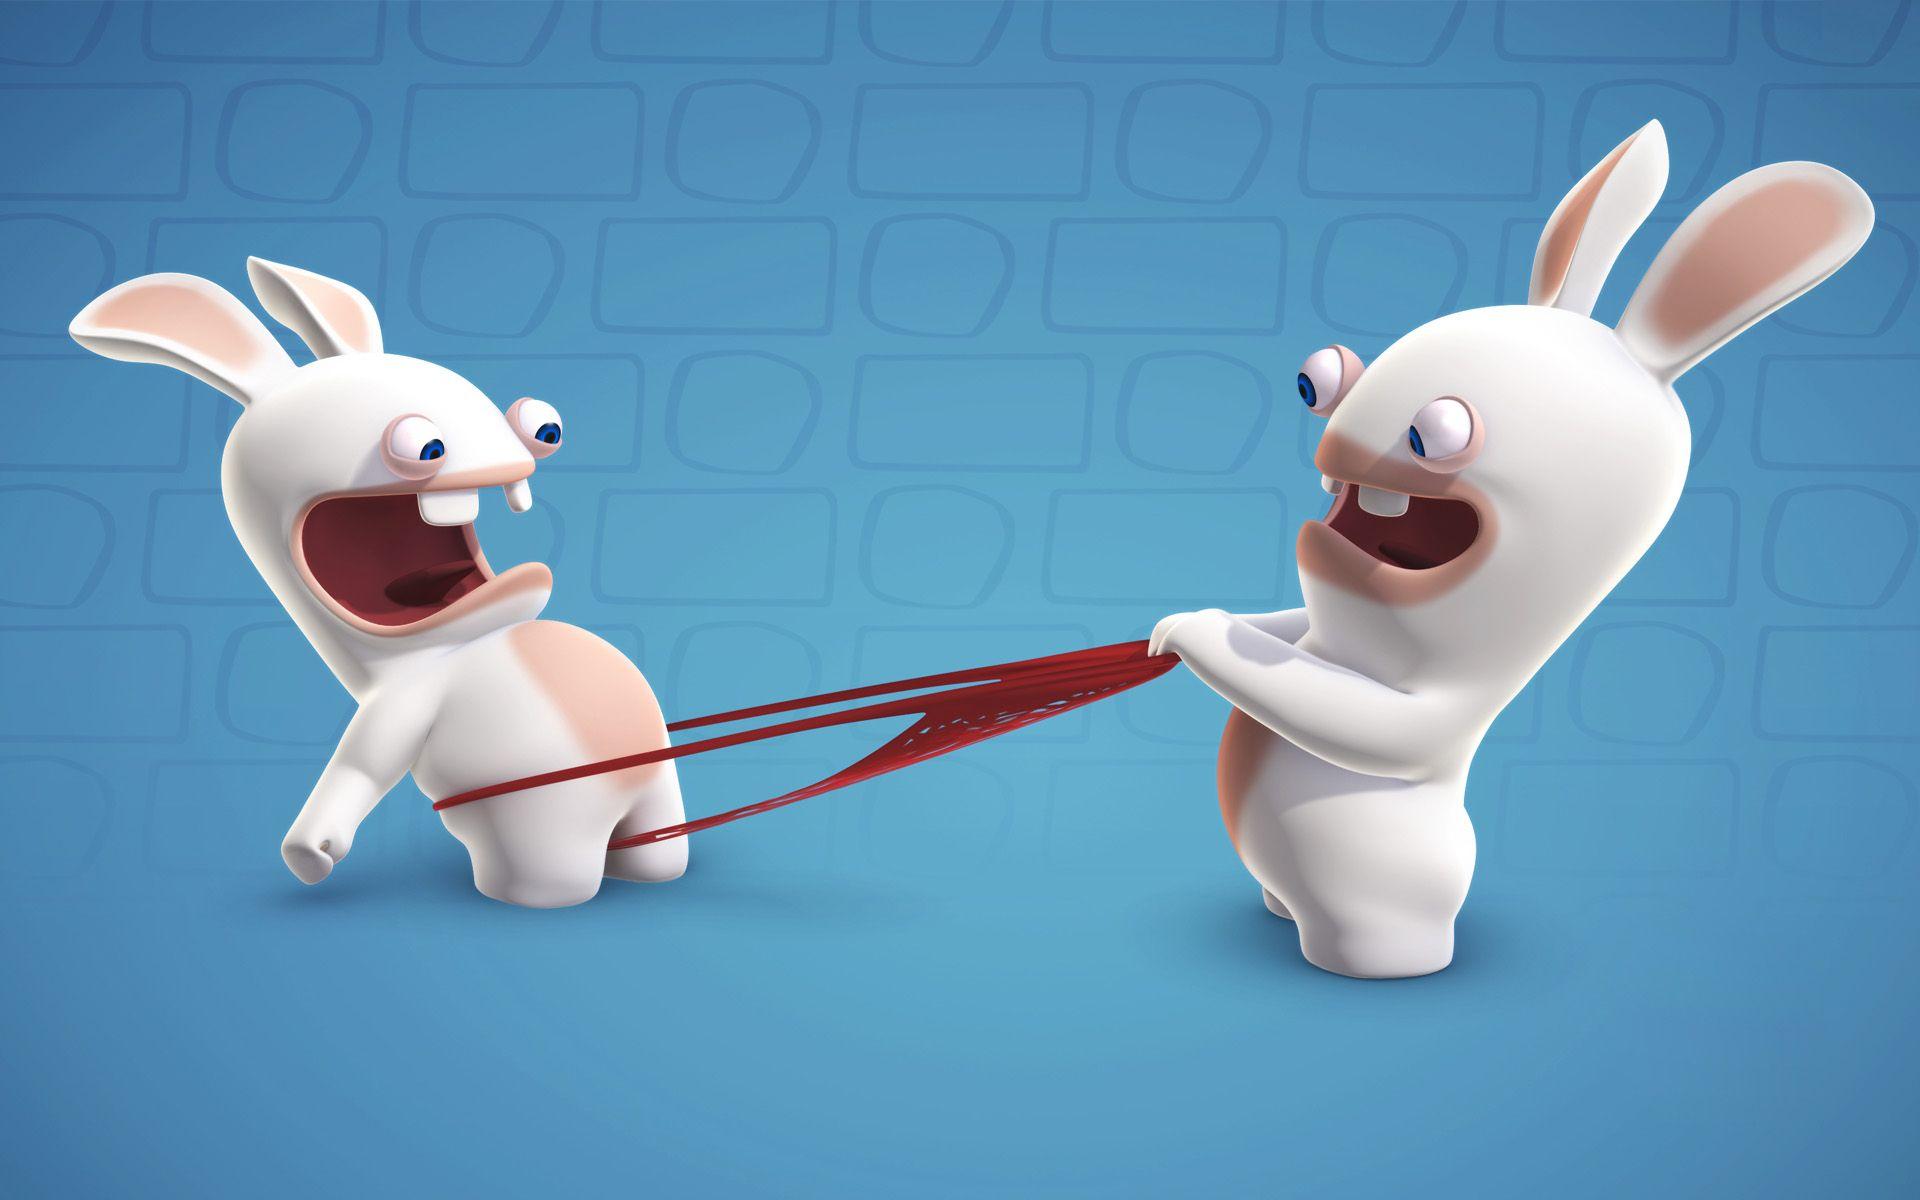 Бешеные кролики смешные картинки, картинки про рыбалку